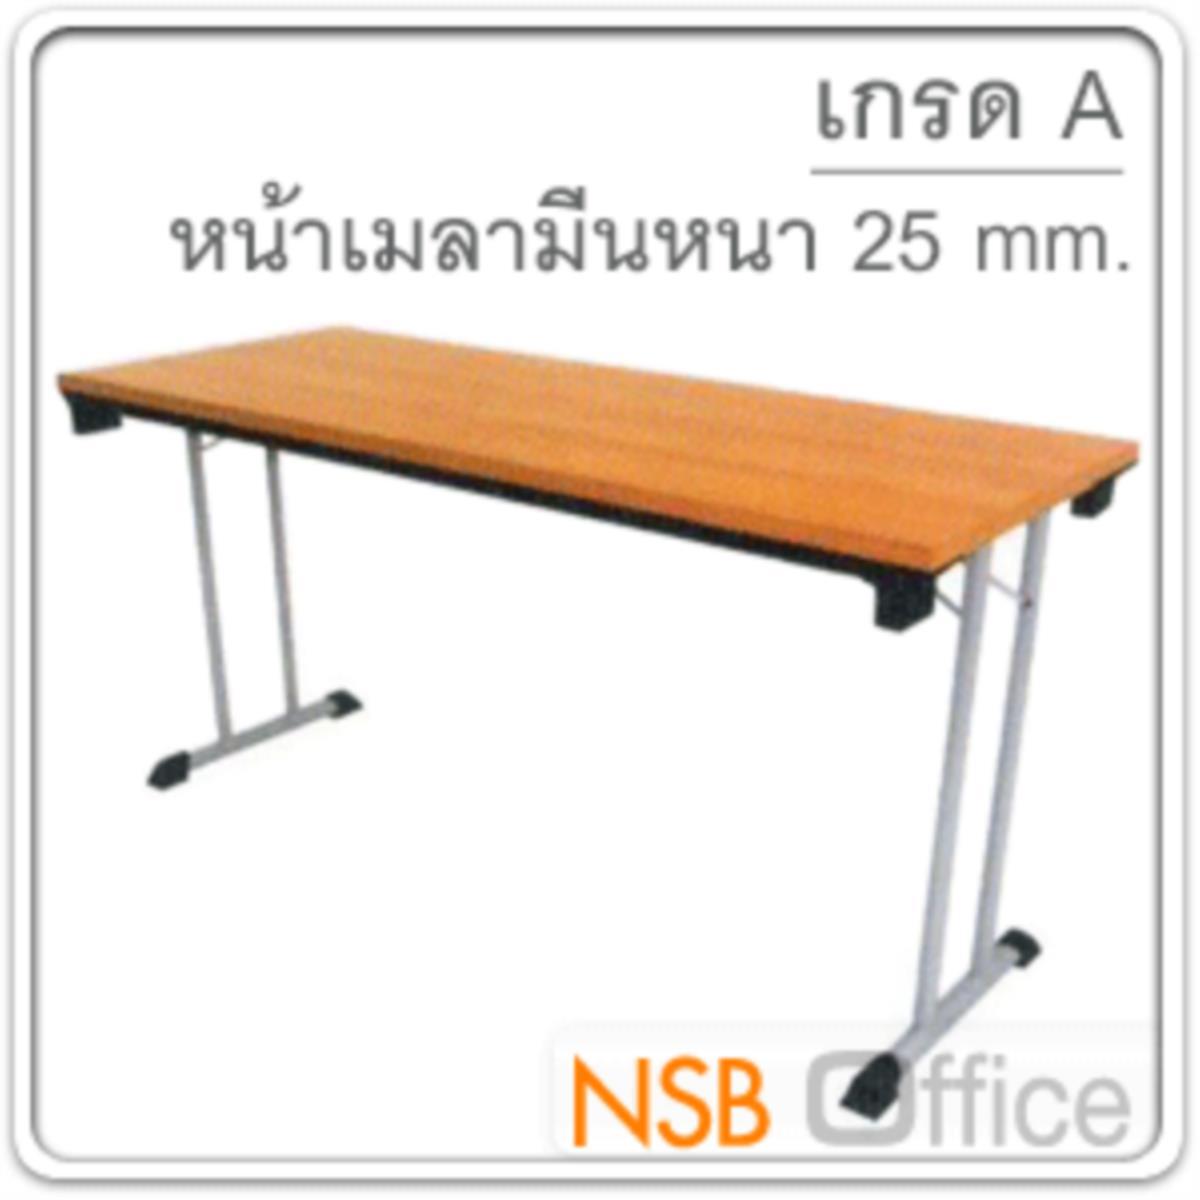 โต๊ะประชุมพับเก็บได้  ขนาด 150W ,180W cm.  ขาเหล็กตัวที